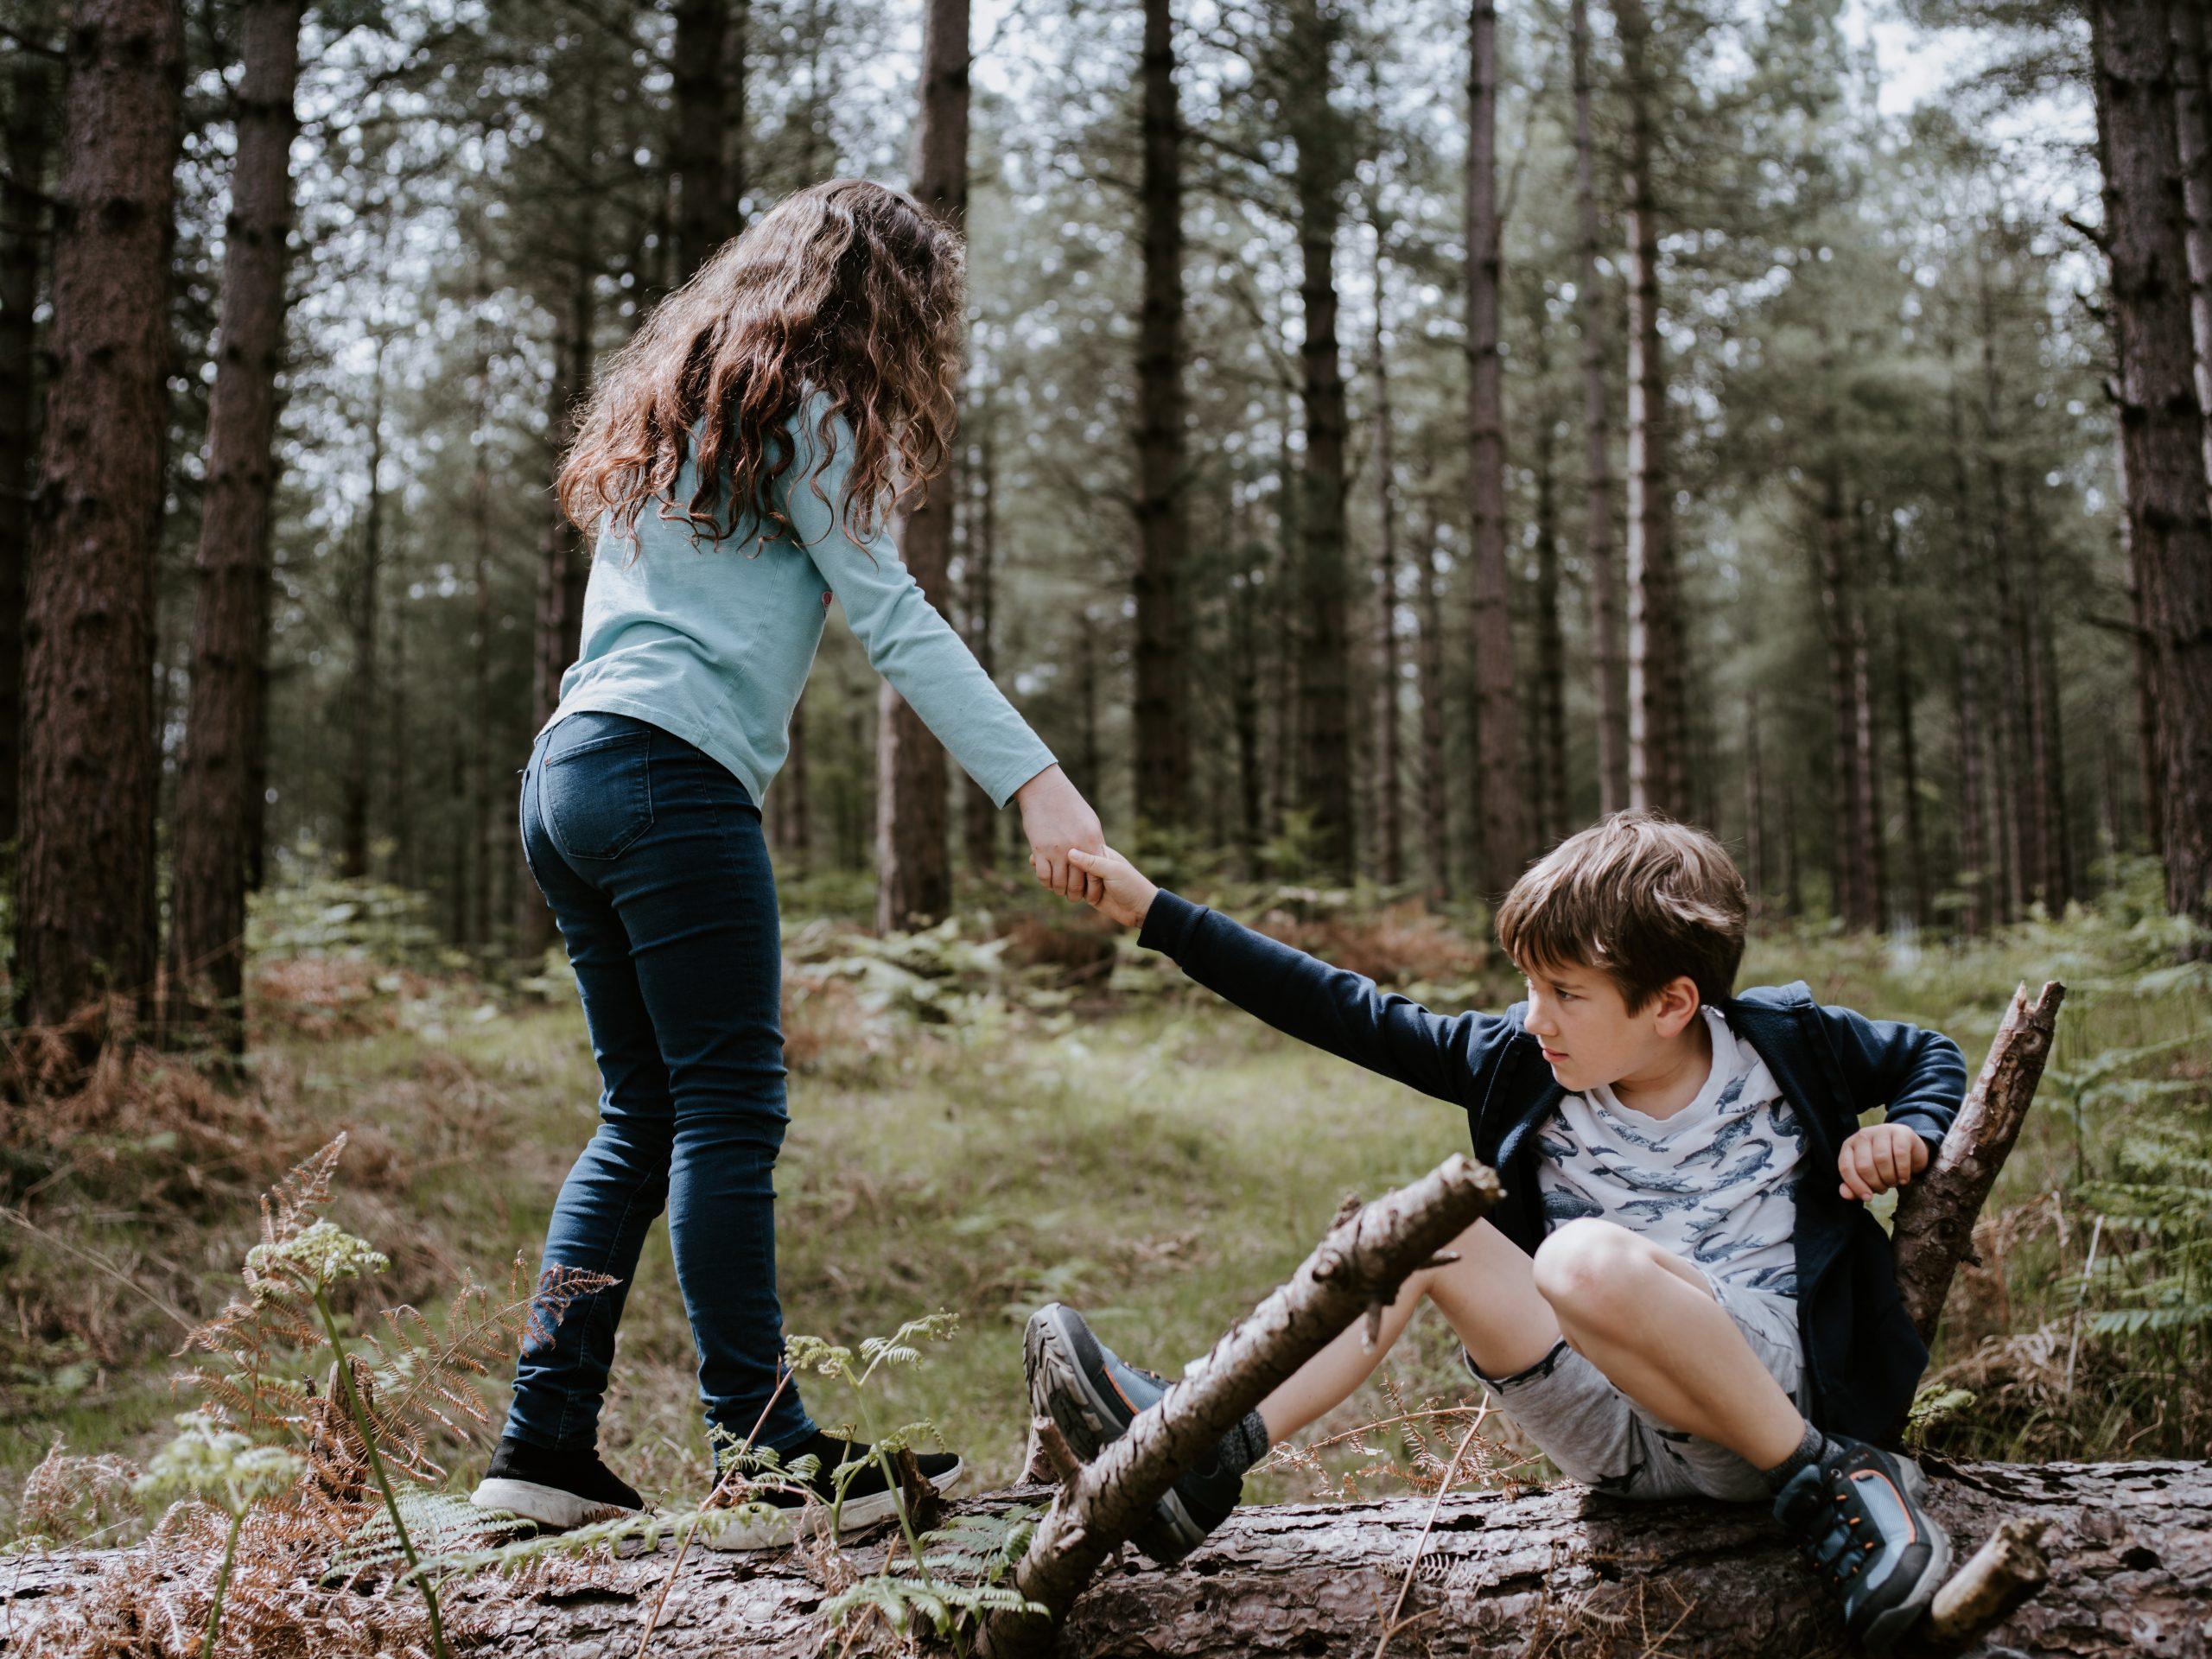 Hermano ayudar dar la mano